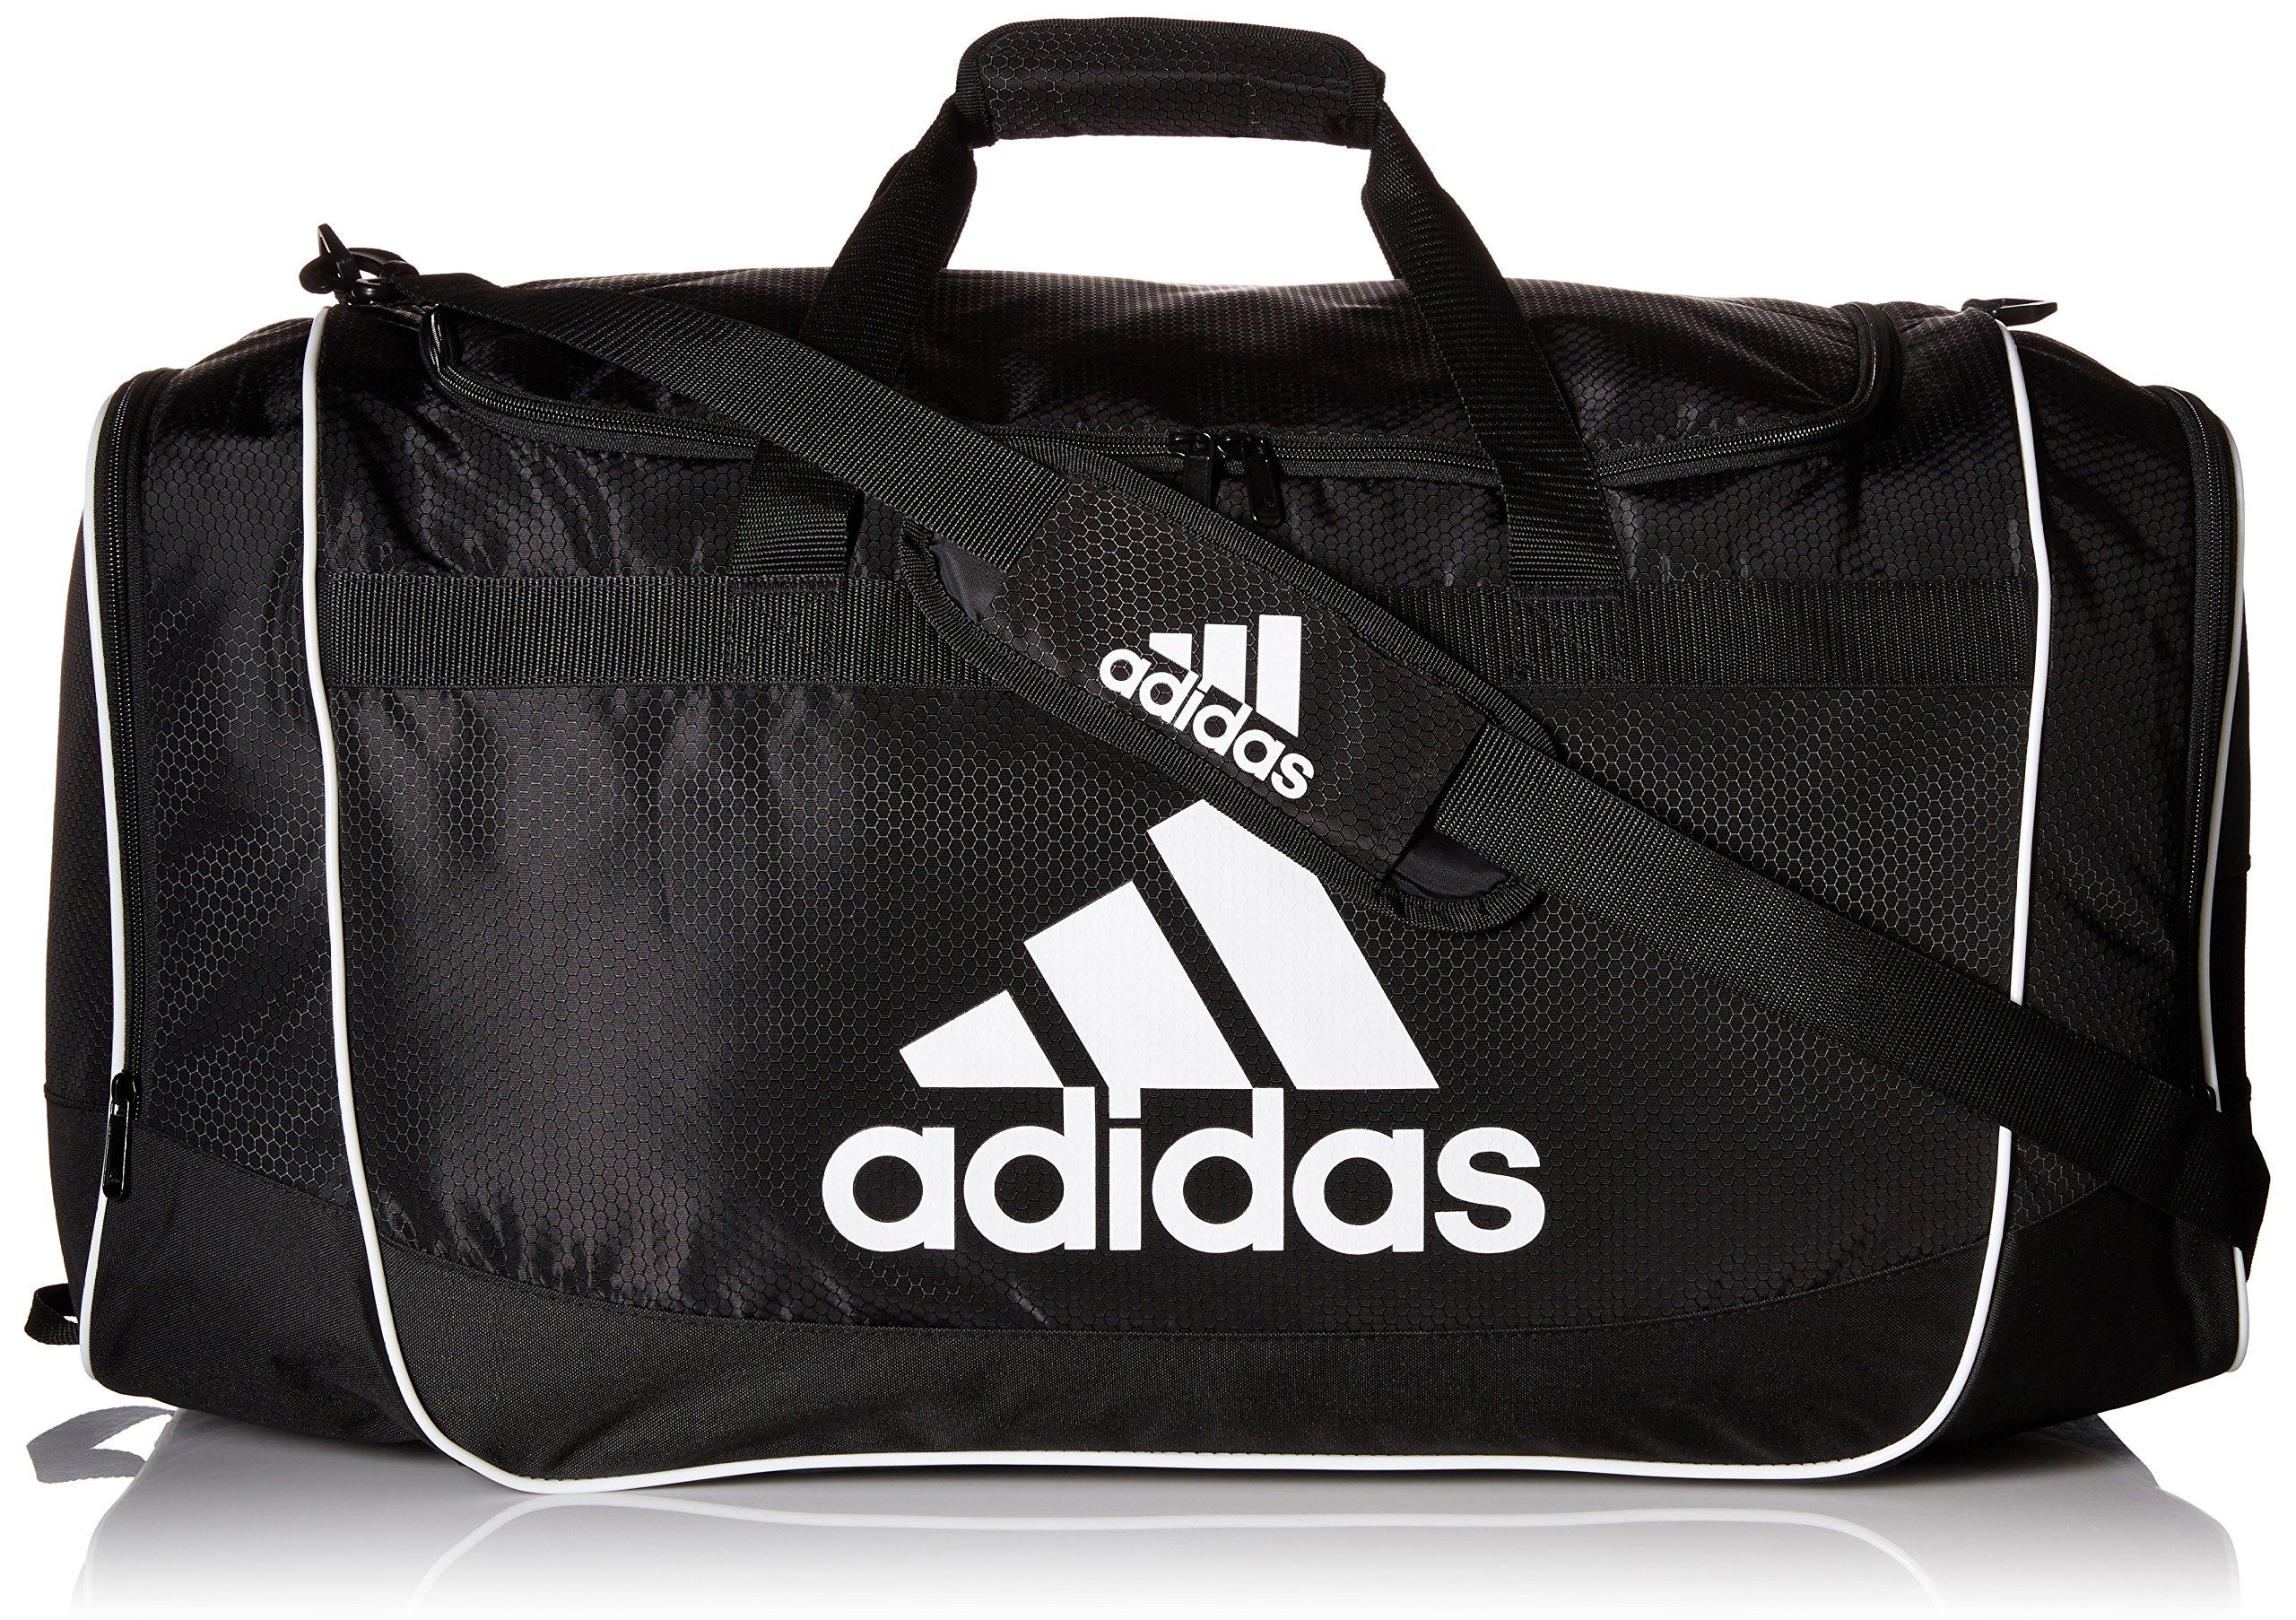 adidas Defender II Duffel Bag (Large) 0b9dae6c4583b